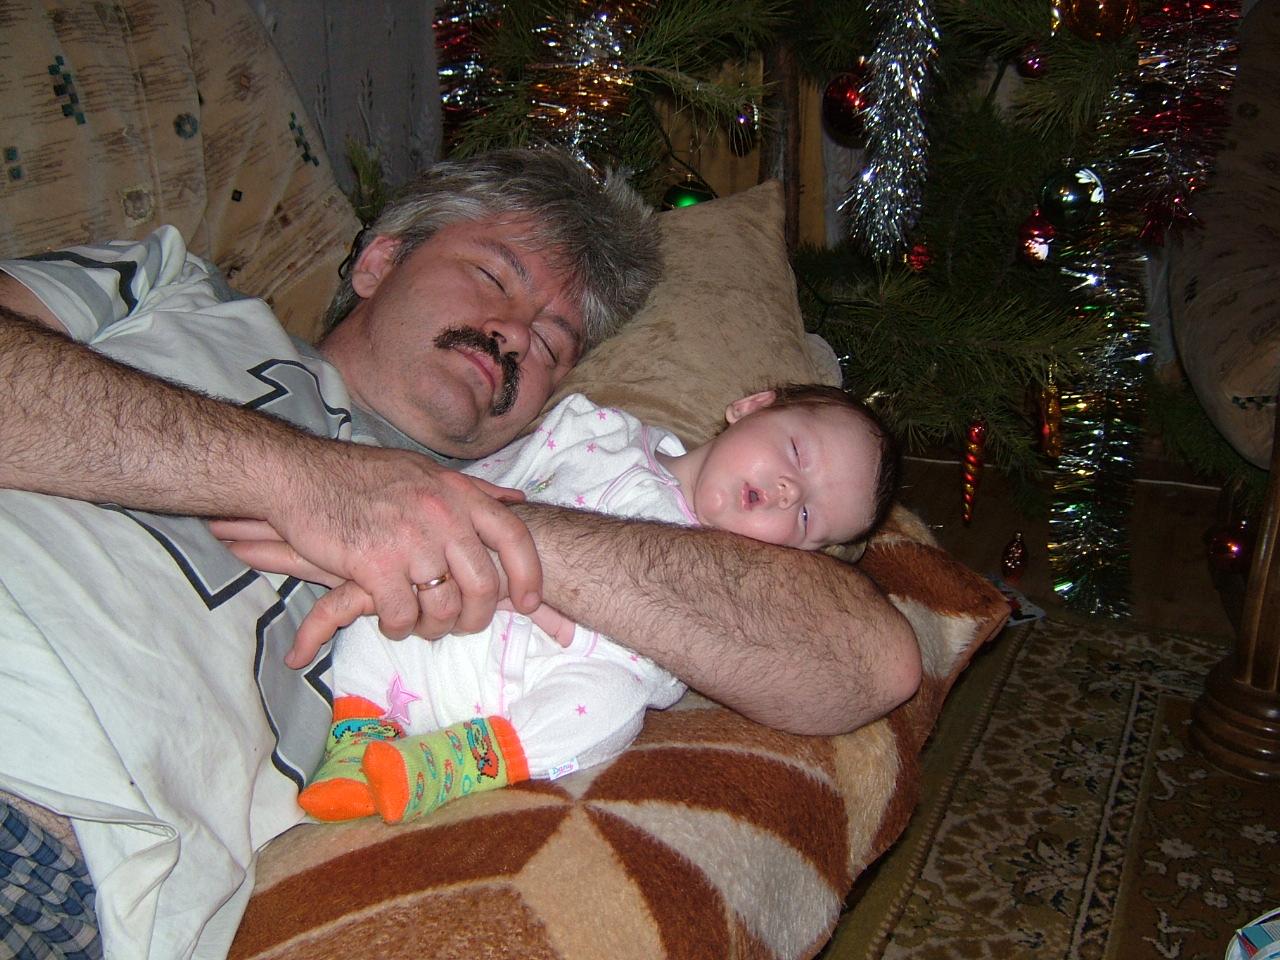 Інцест дед і внучка фото 24 фотография